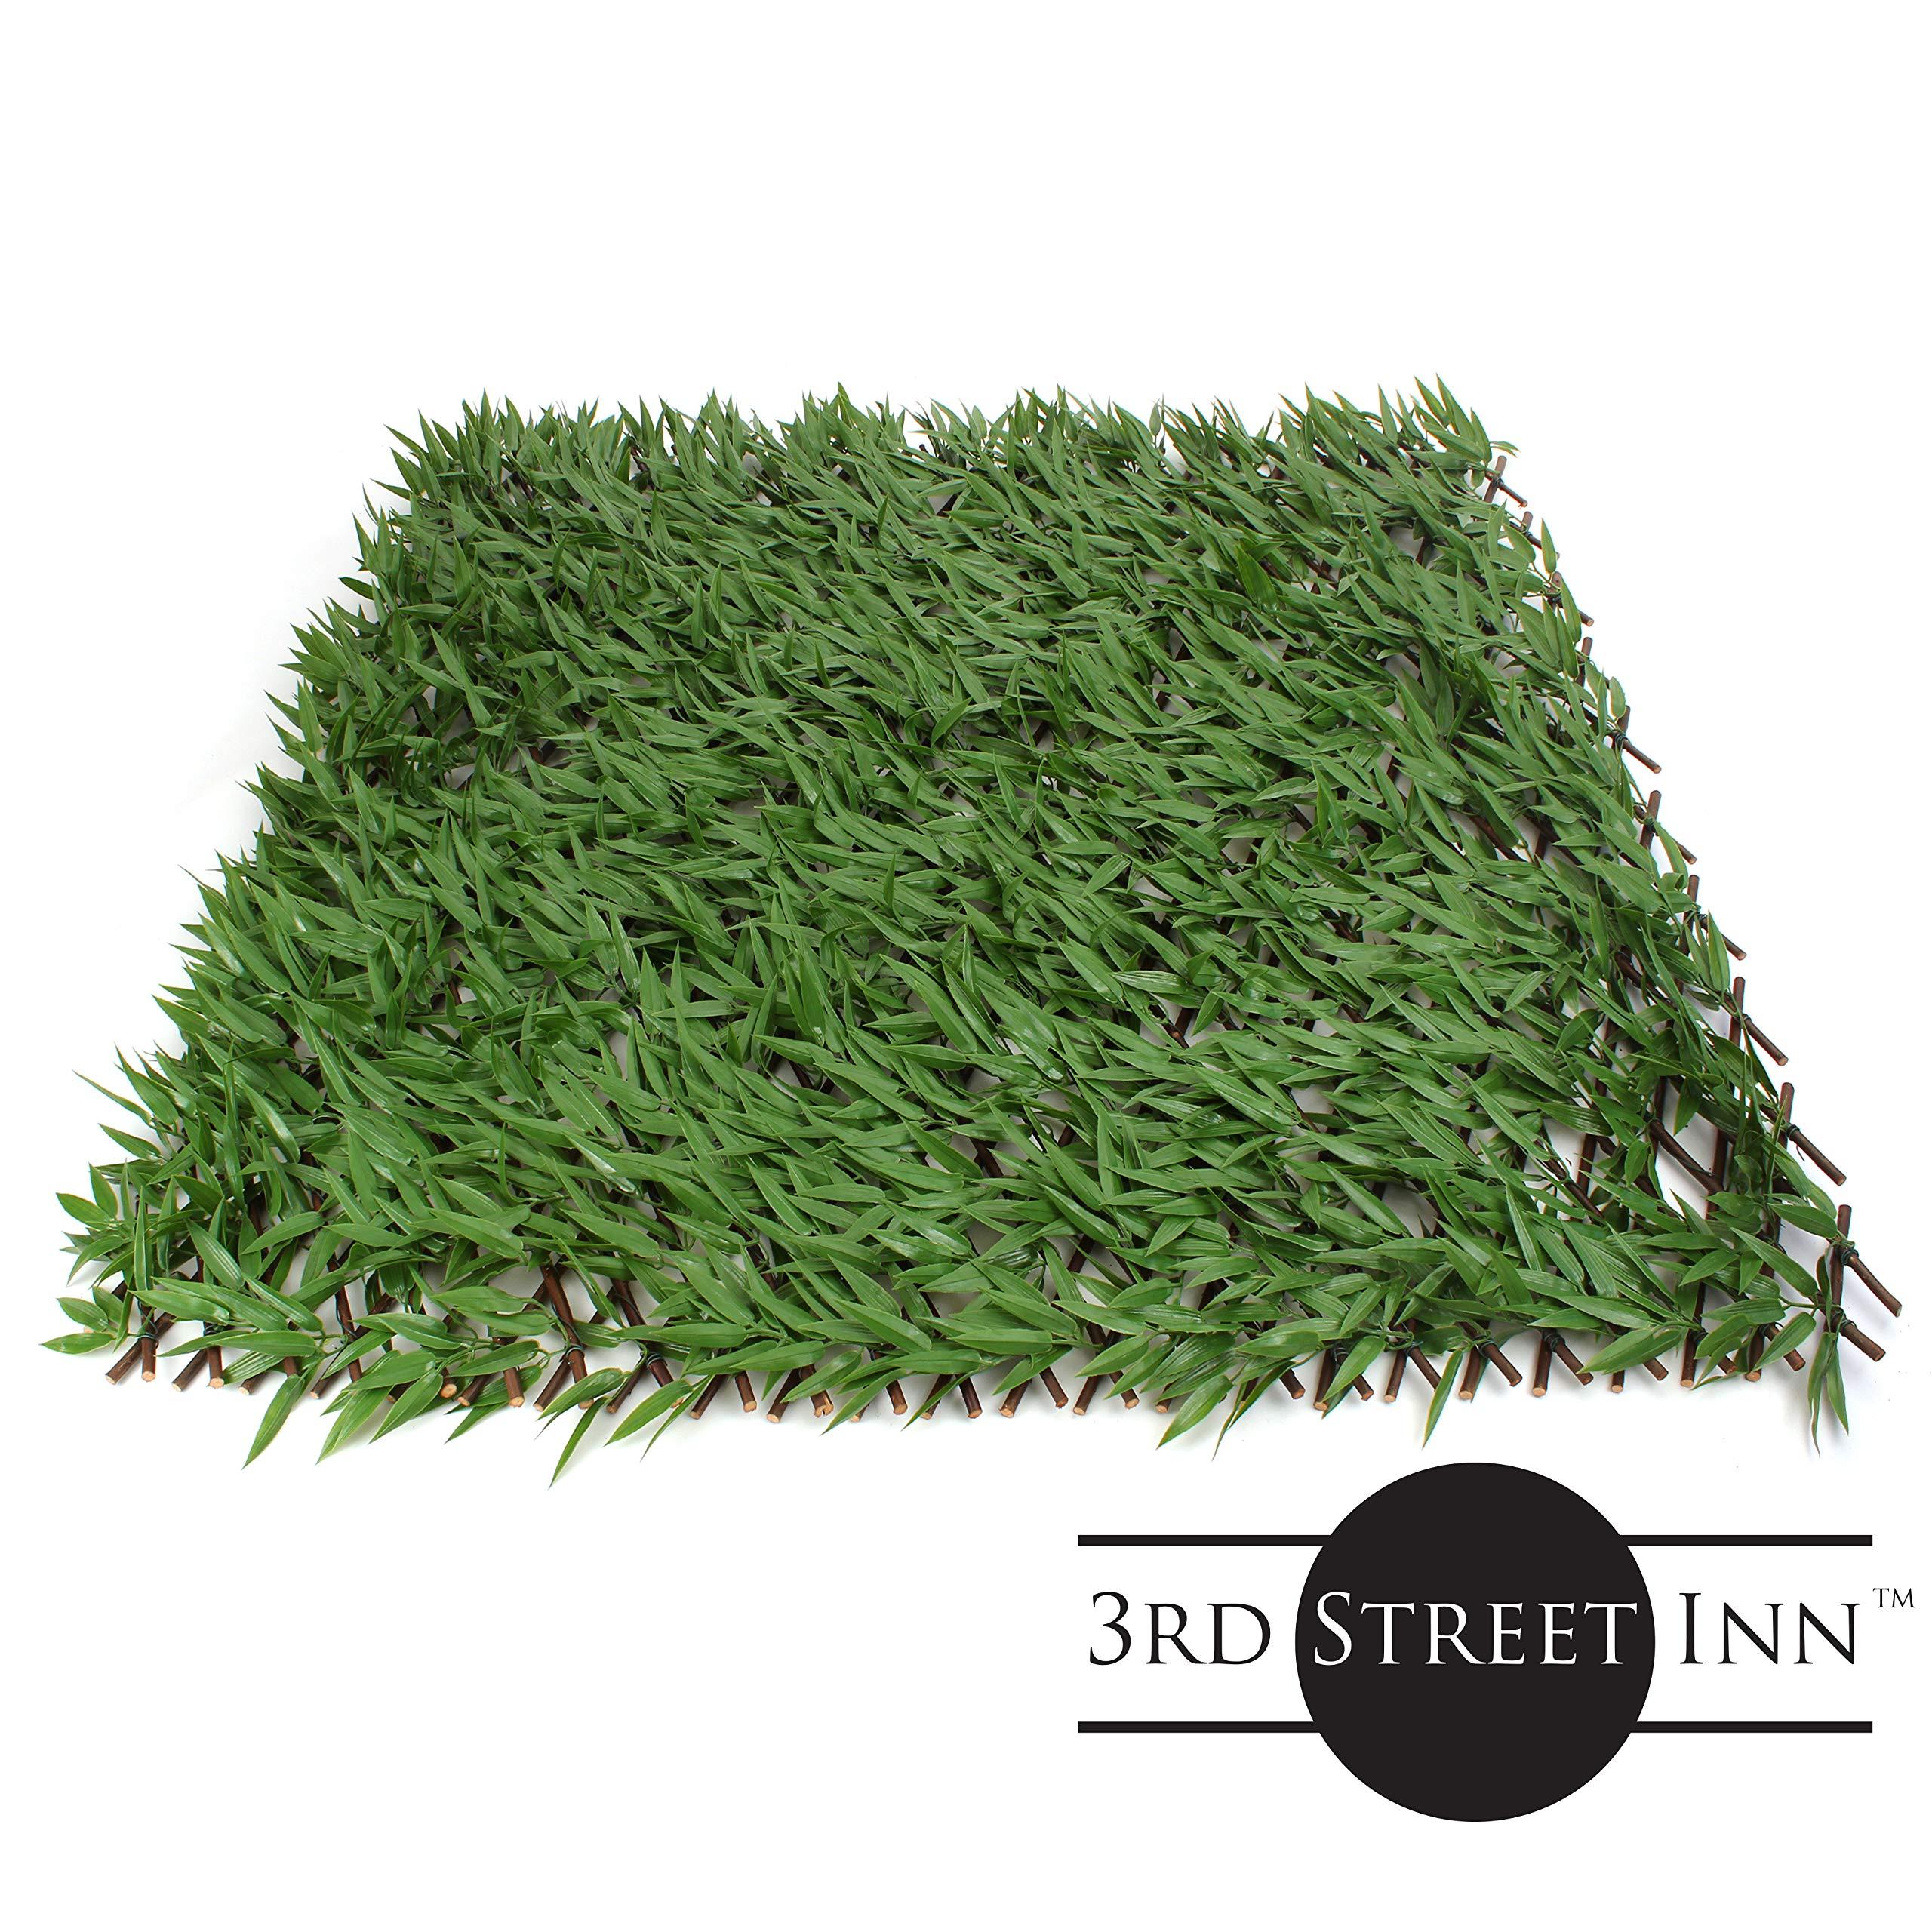 3er Street InnTM enrejado de hojas – Panel de vegetación de bambú ...